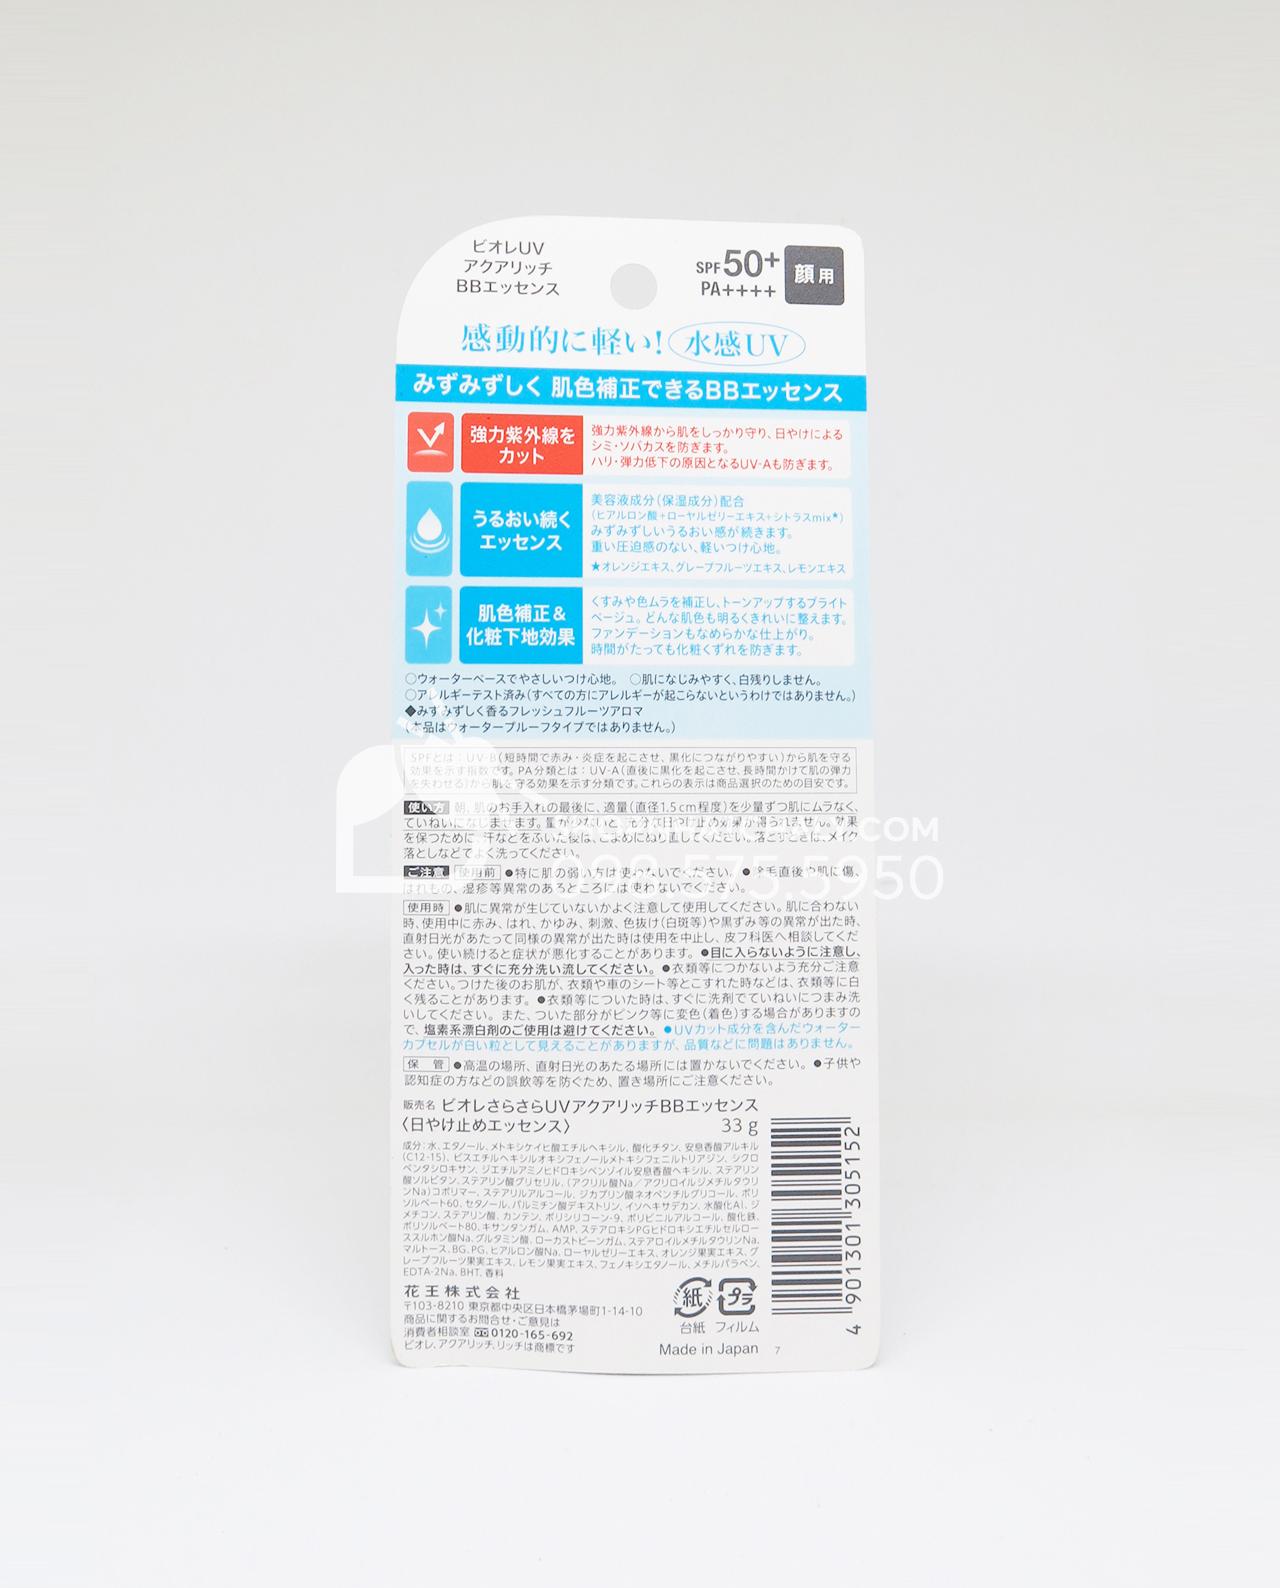 Kem chống nắng che khuyết điểm Biore Uv Aqua Rich Bb Essence - thông tin sản phẩm